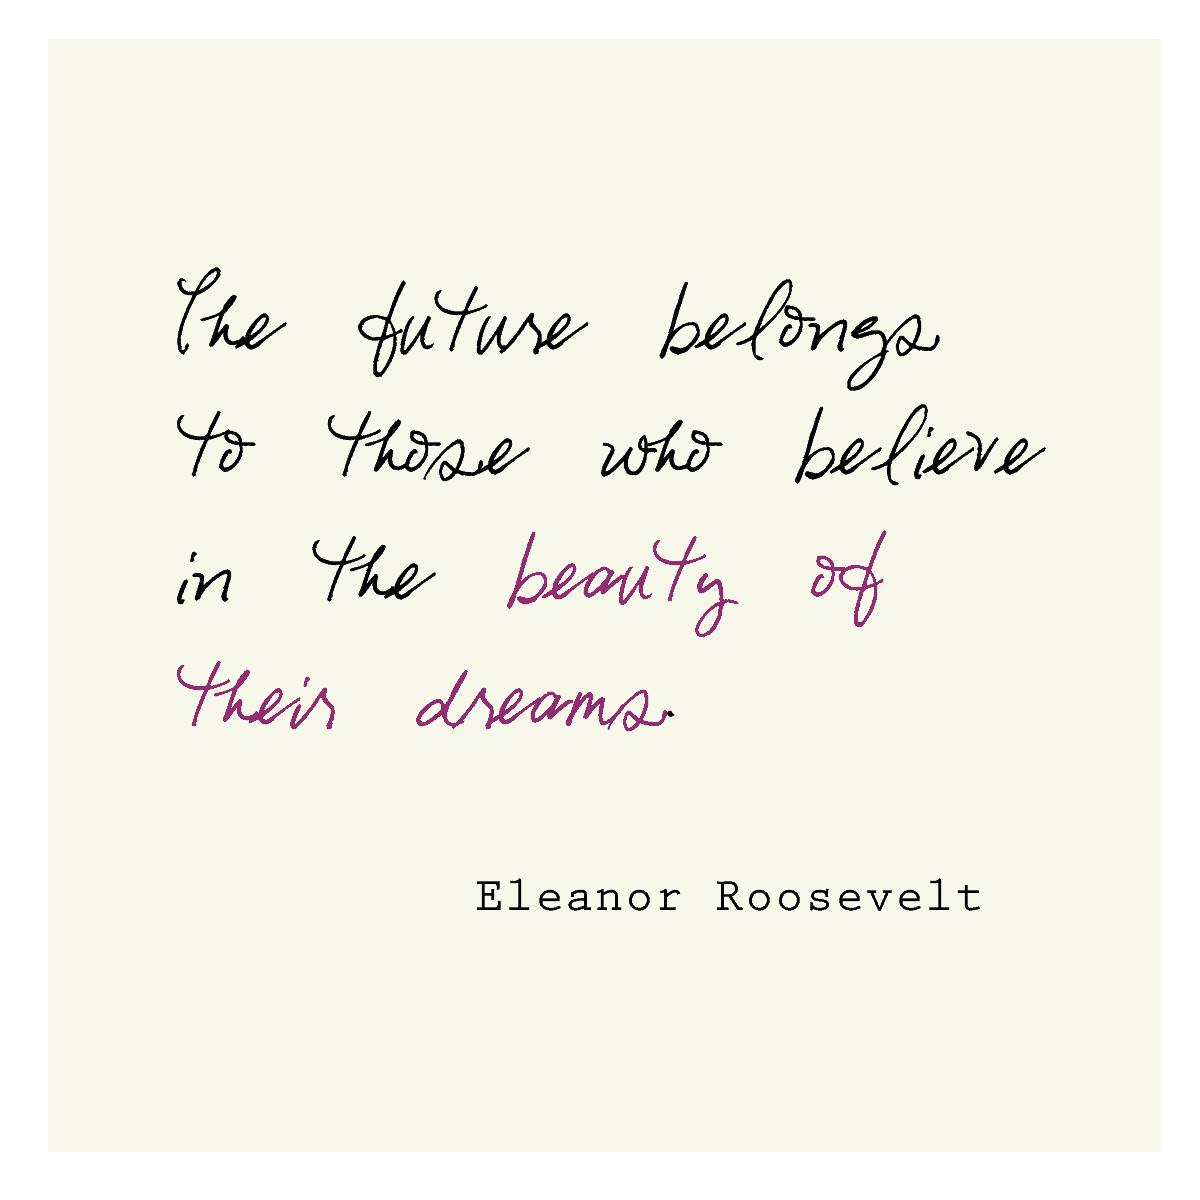 Eleanor Roosevelt Quotes About Gossip. QuotesGram